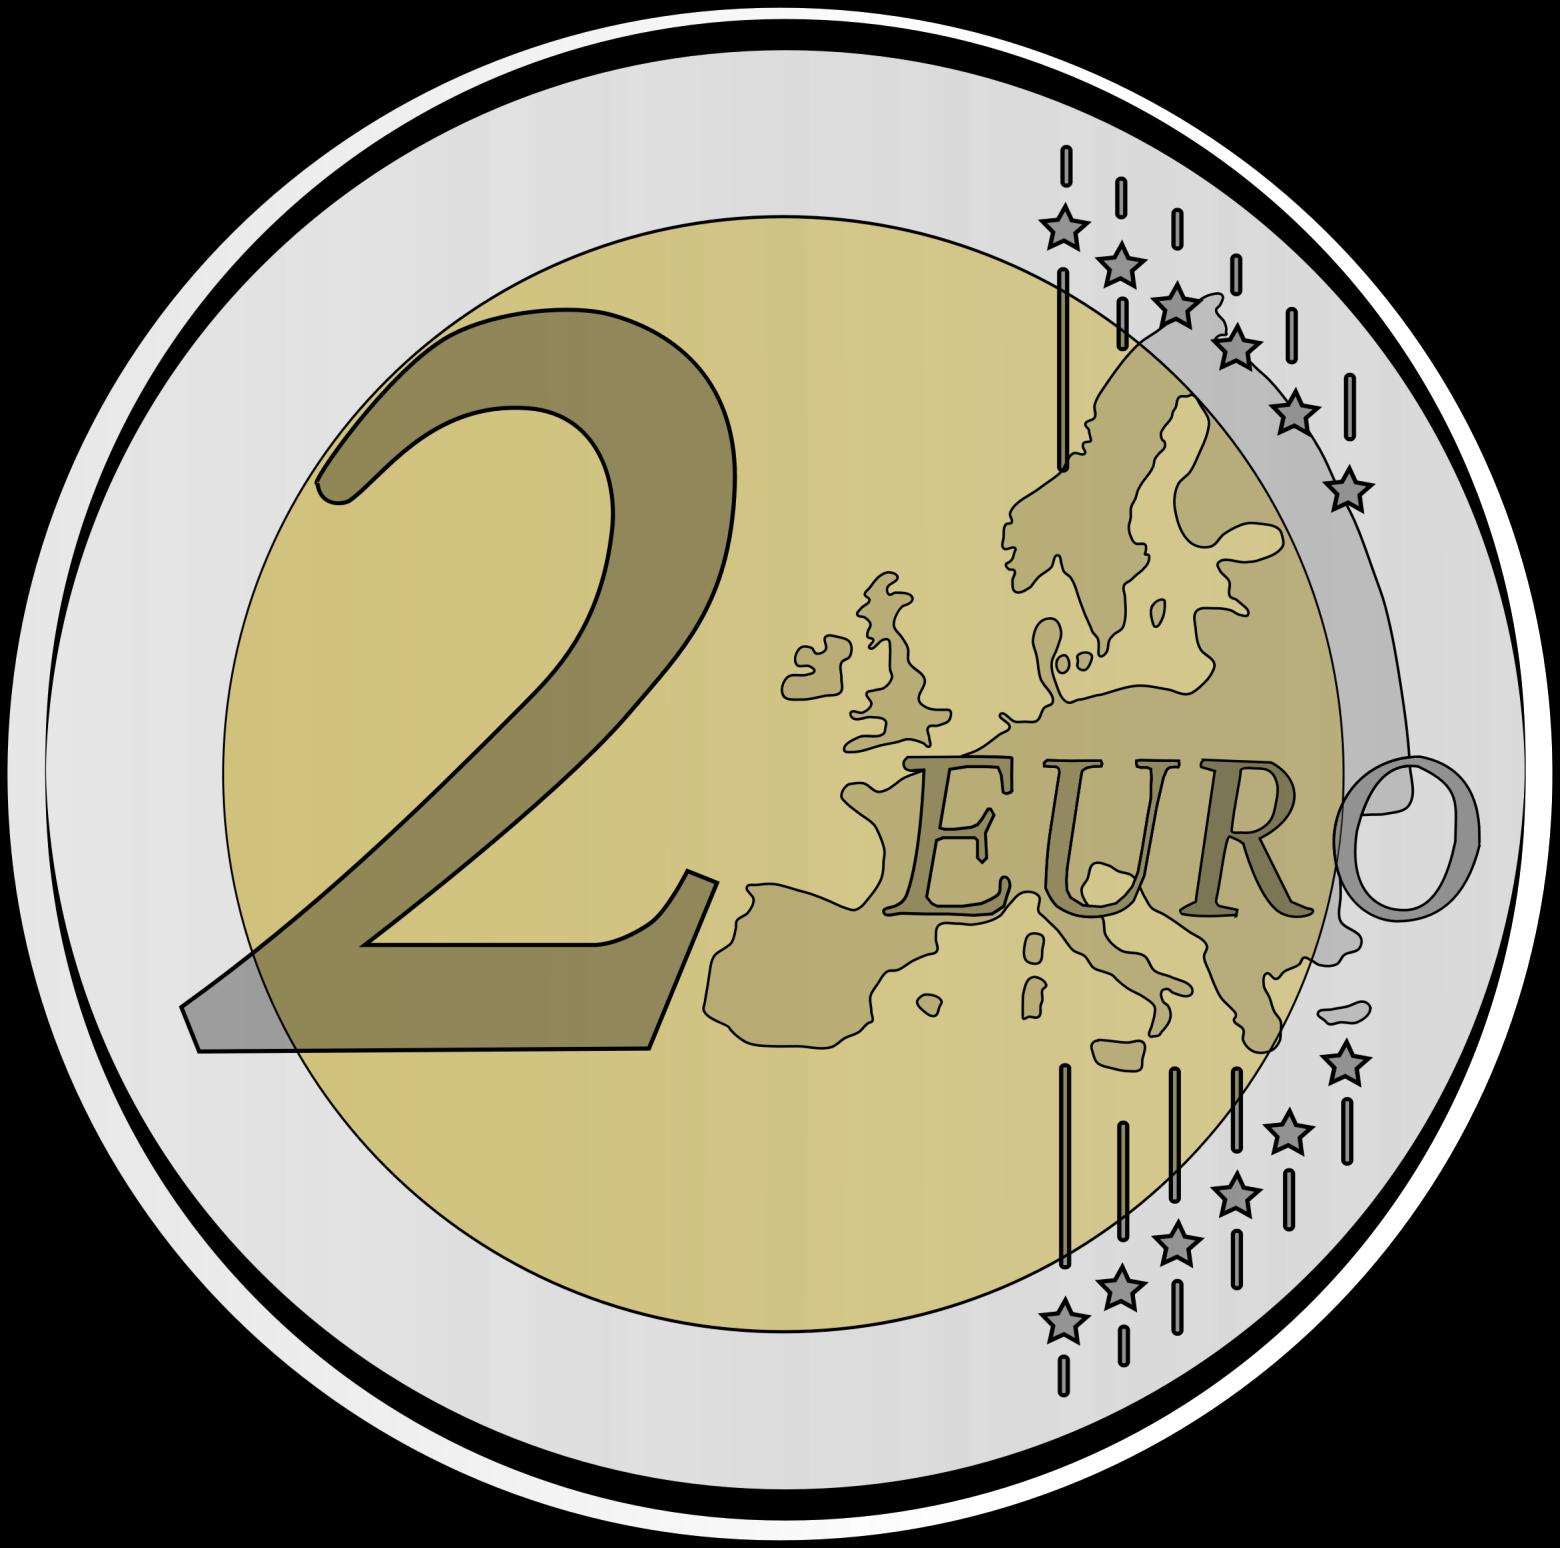 2 euro pi ce images photos gratuites images gratuites et libres de droits. Black Bedroom Furniture Sets. Home Design Ideas